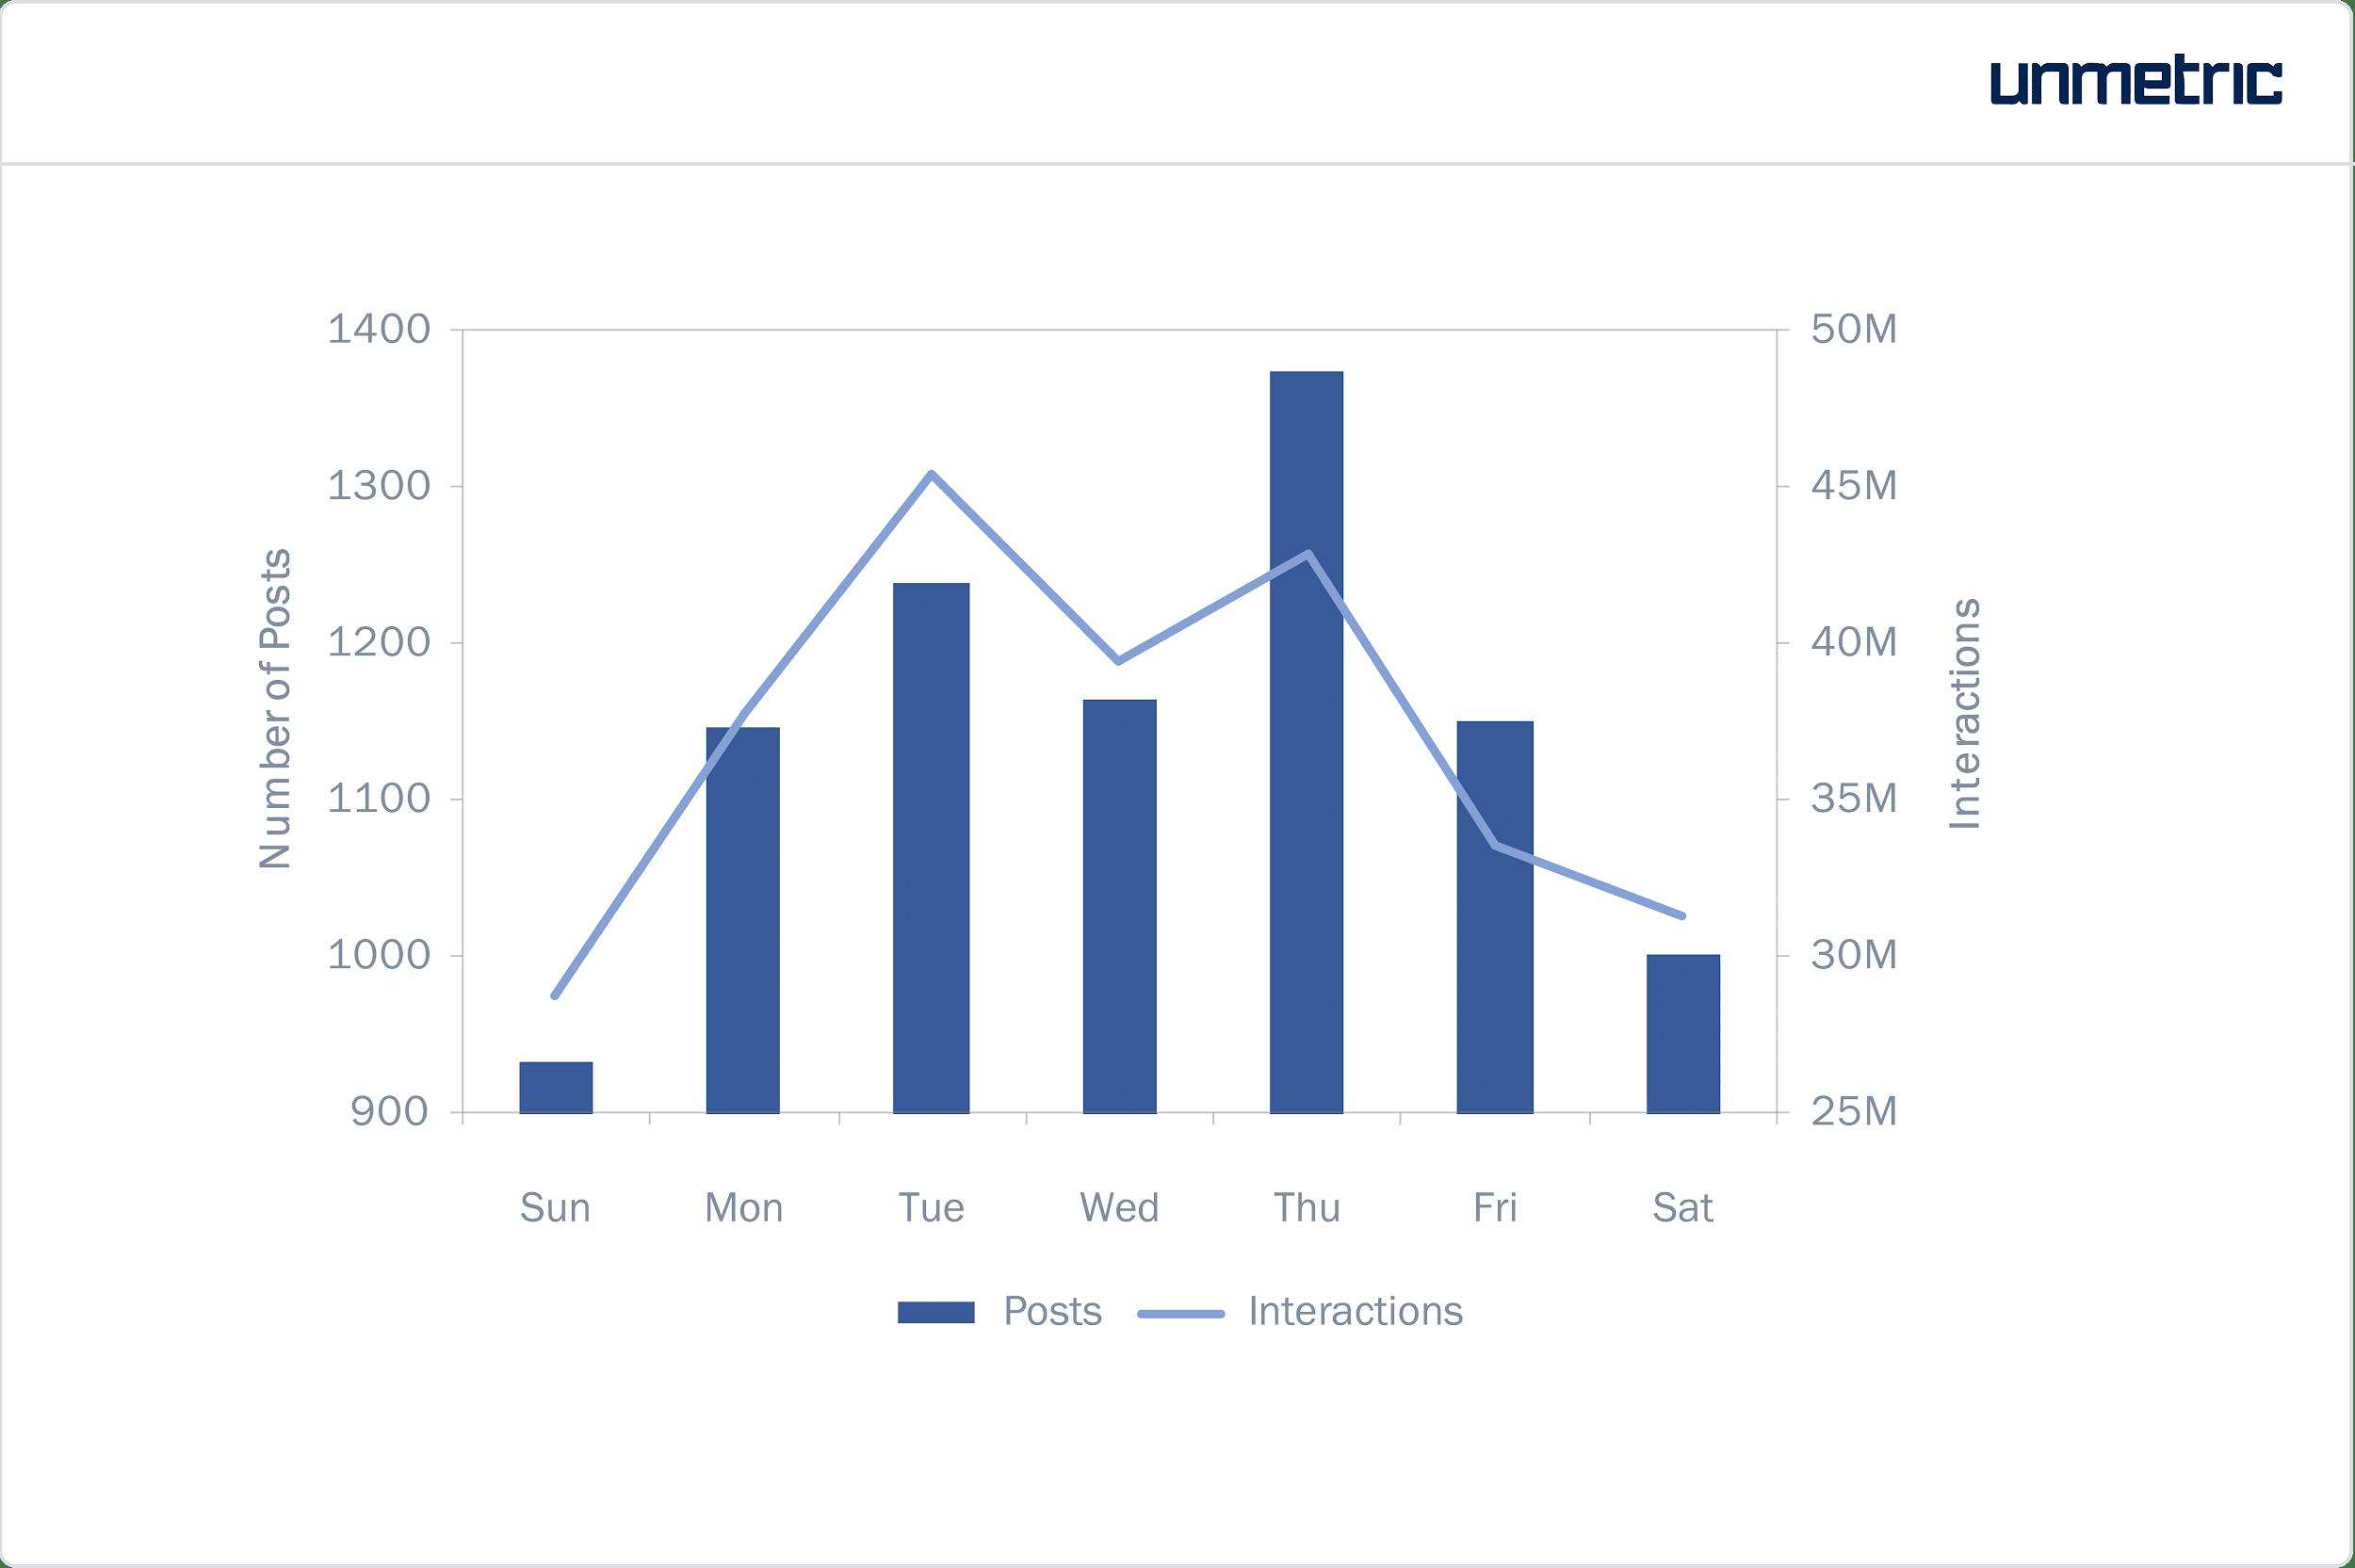 Durchschnittliche Interaktionen pro Beitrag auf Instagram